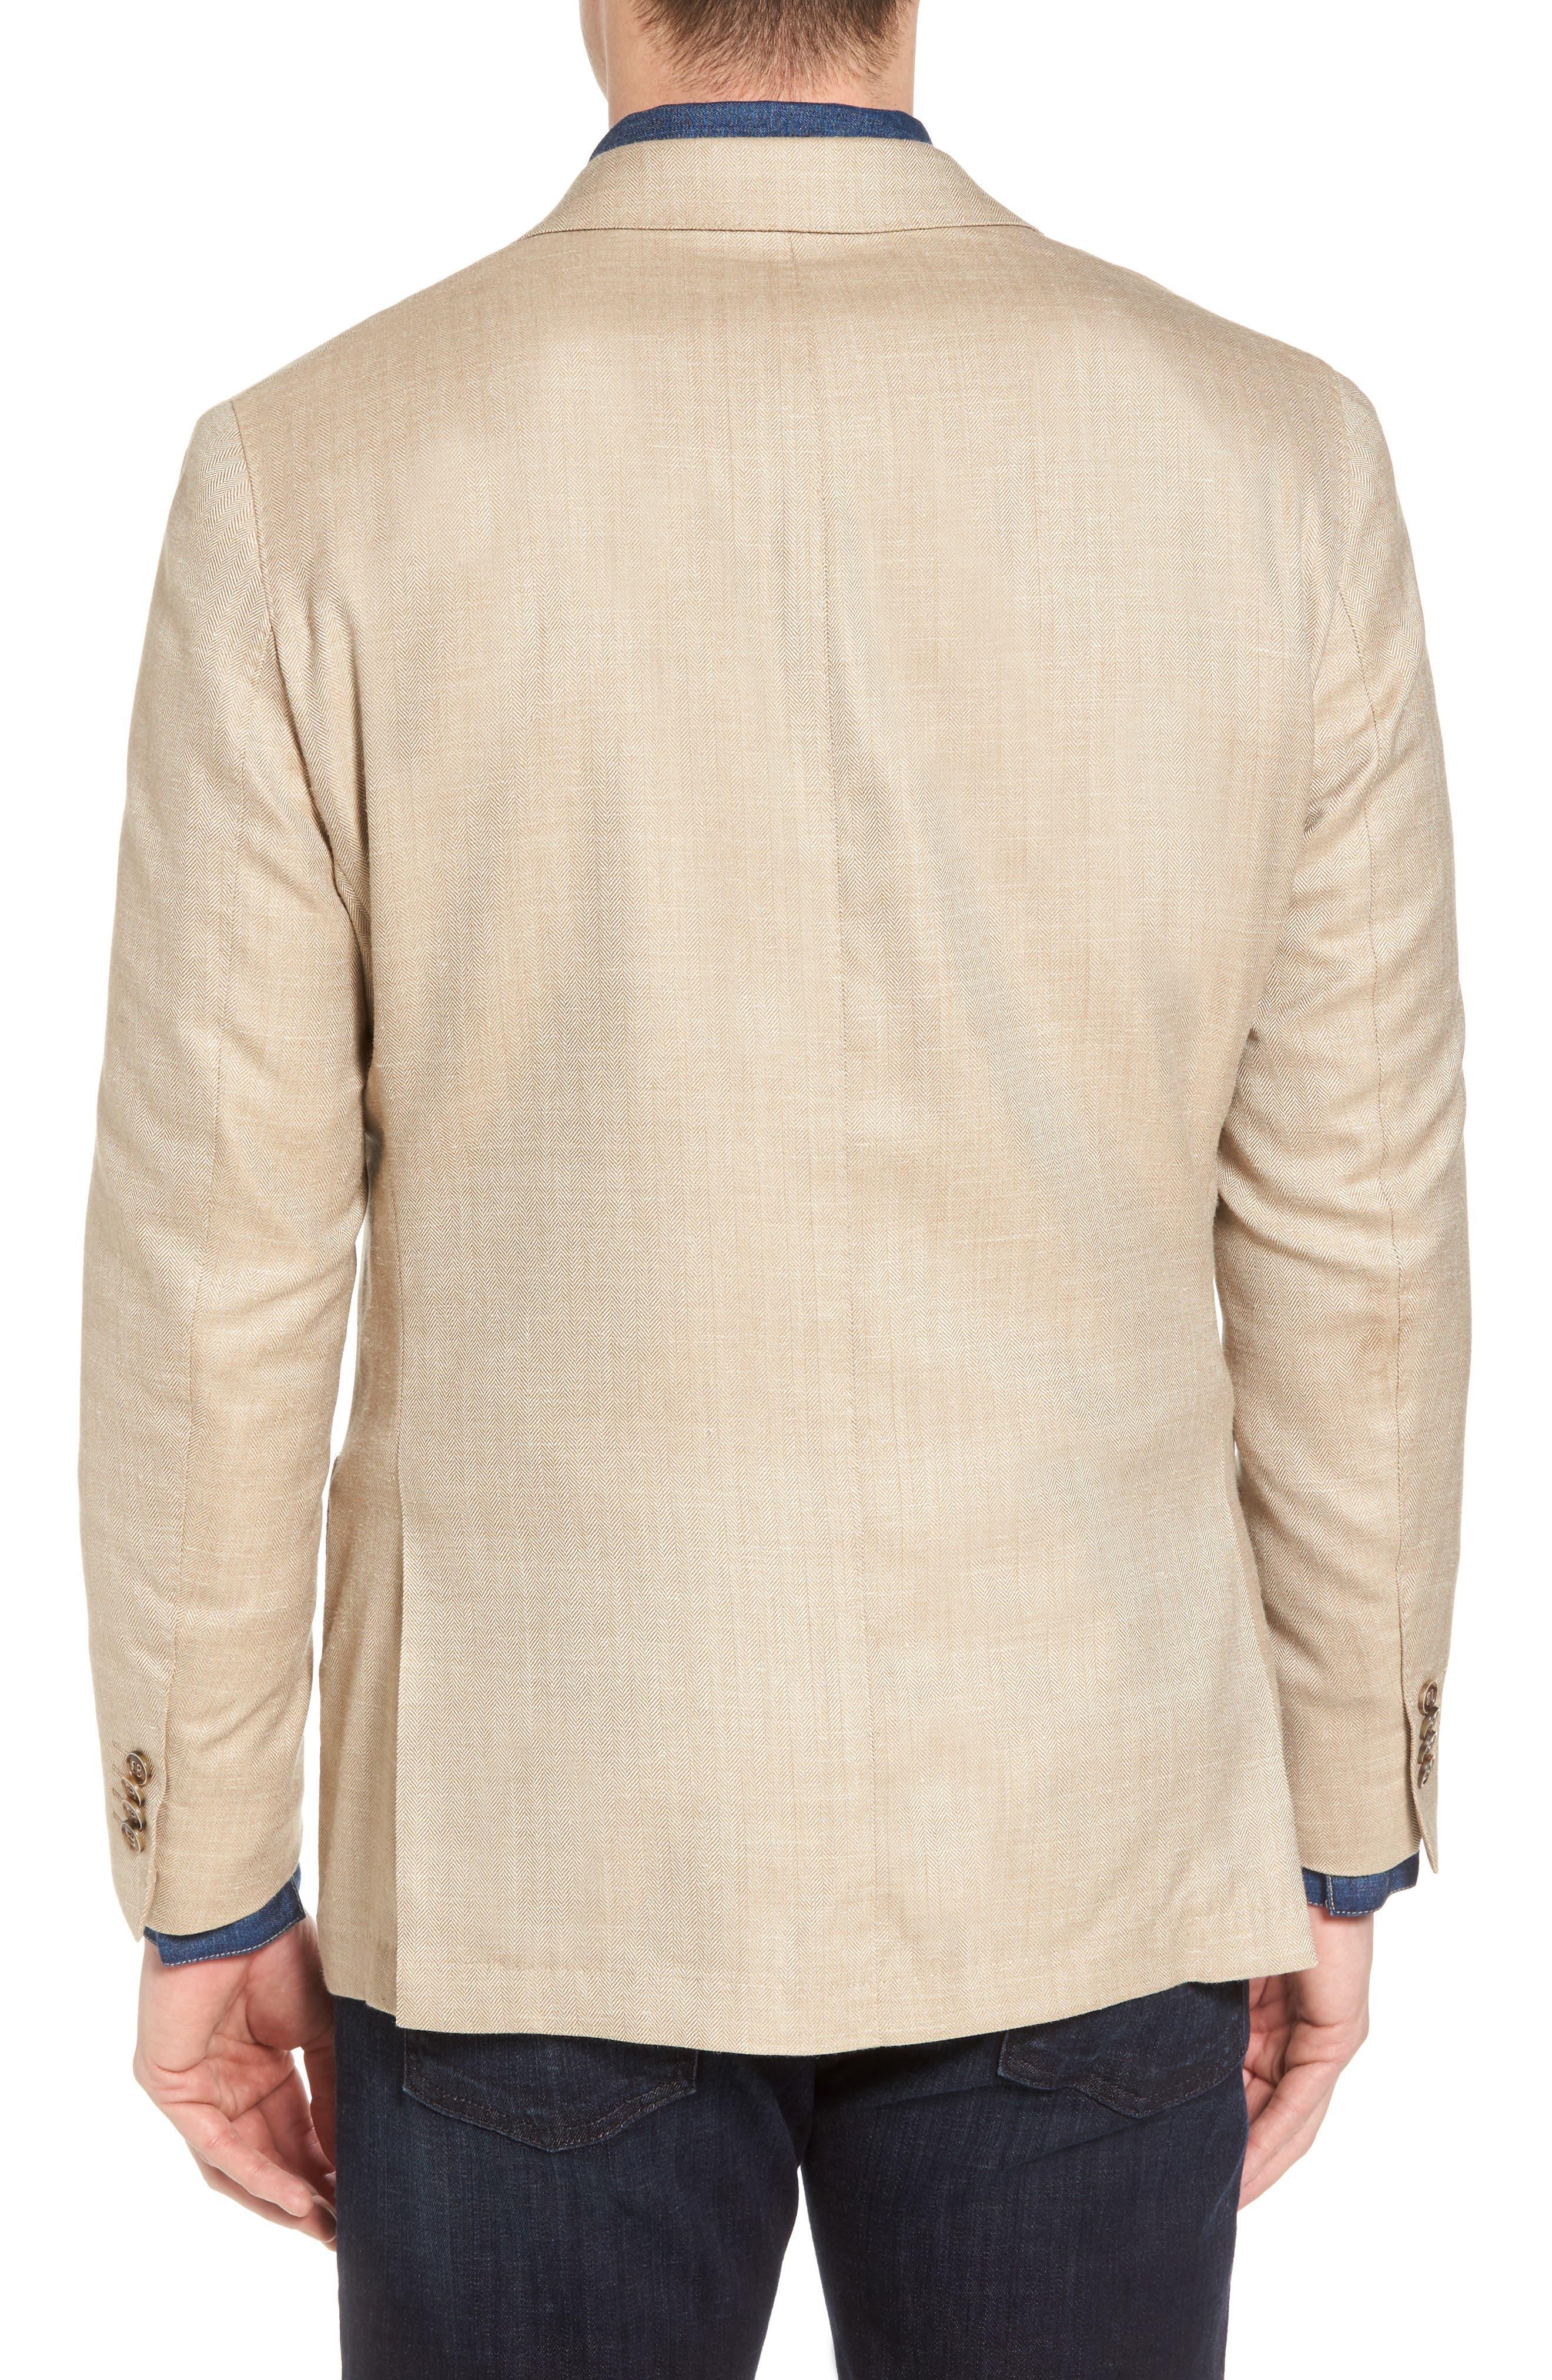 Crown Herringbone Wool & Silk Blend Jacket,                             Alternate thumbnail 2, color,                             Stone